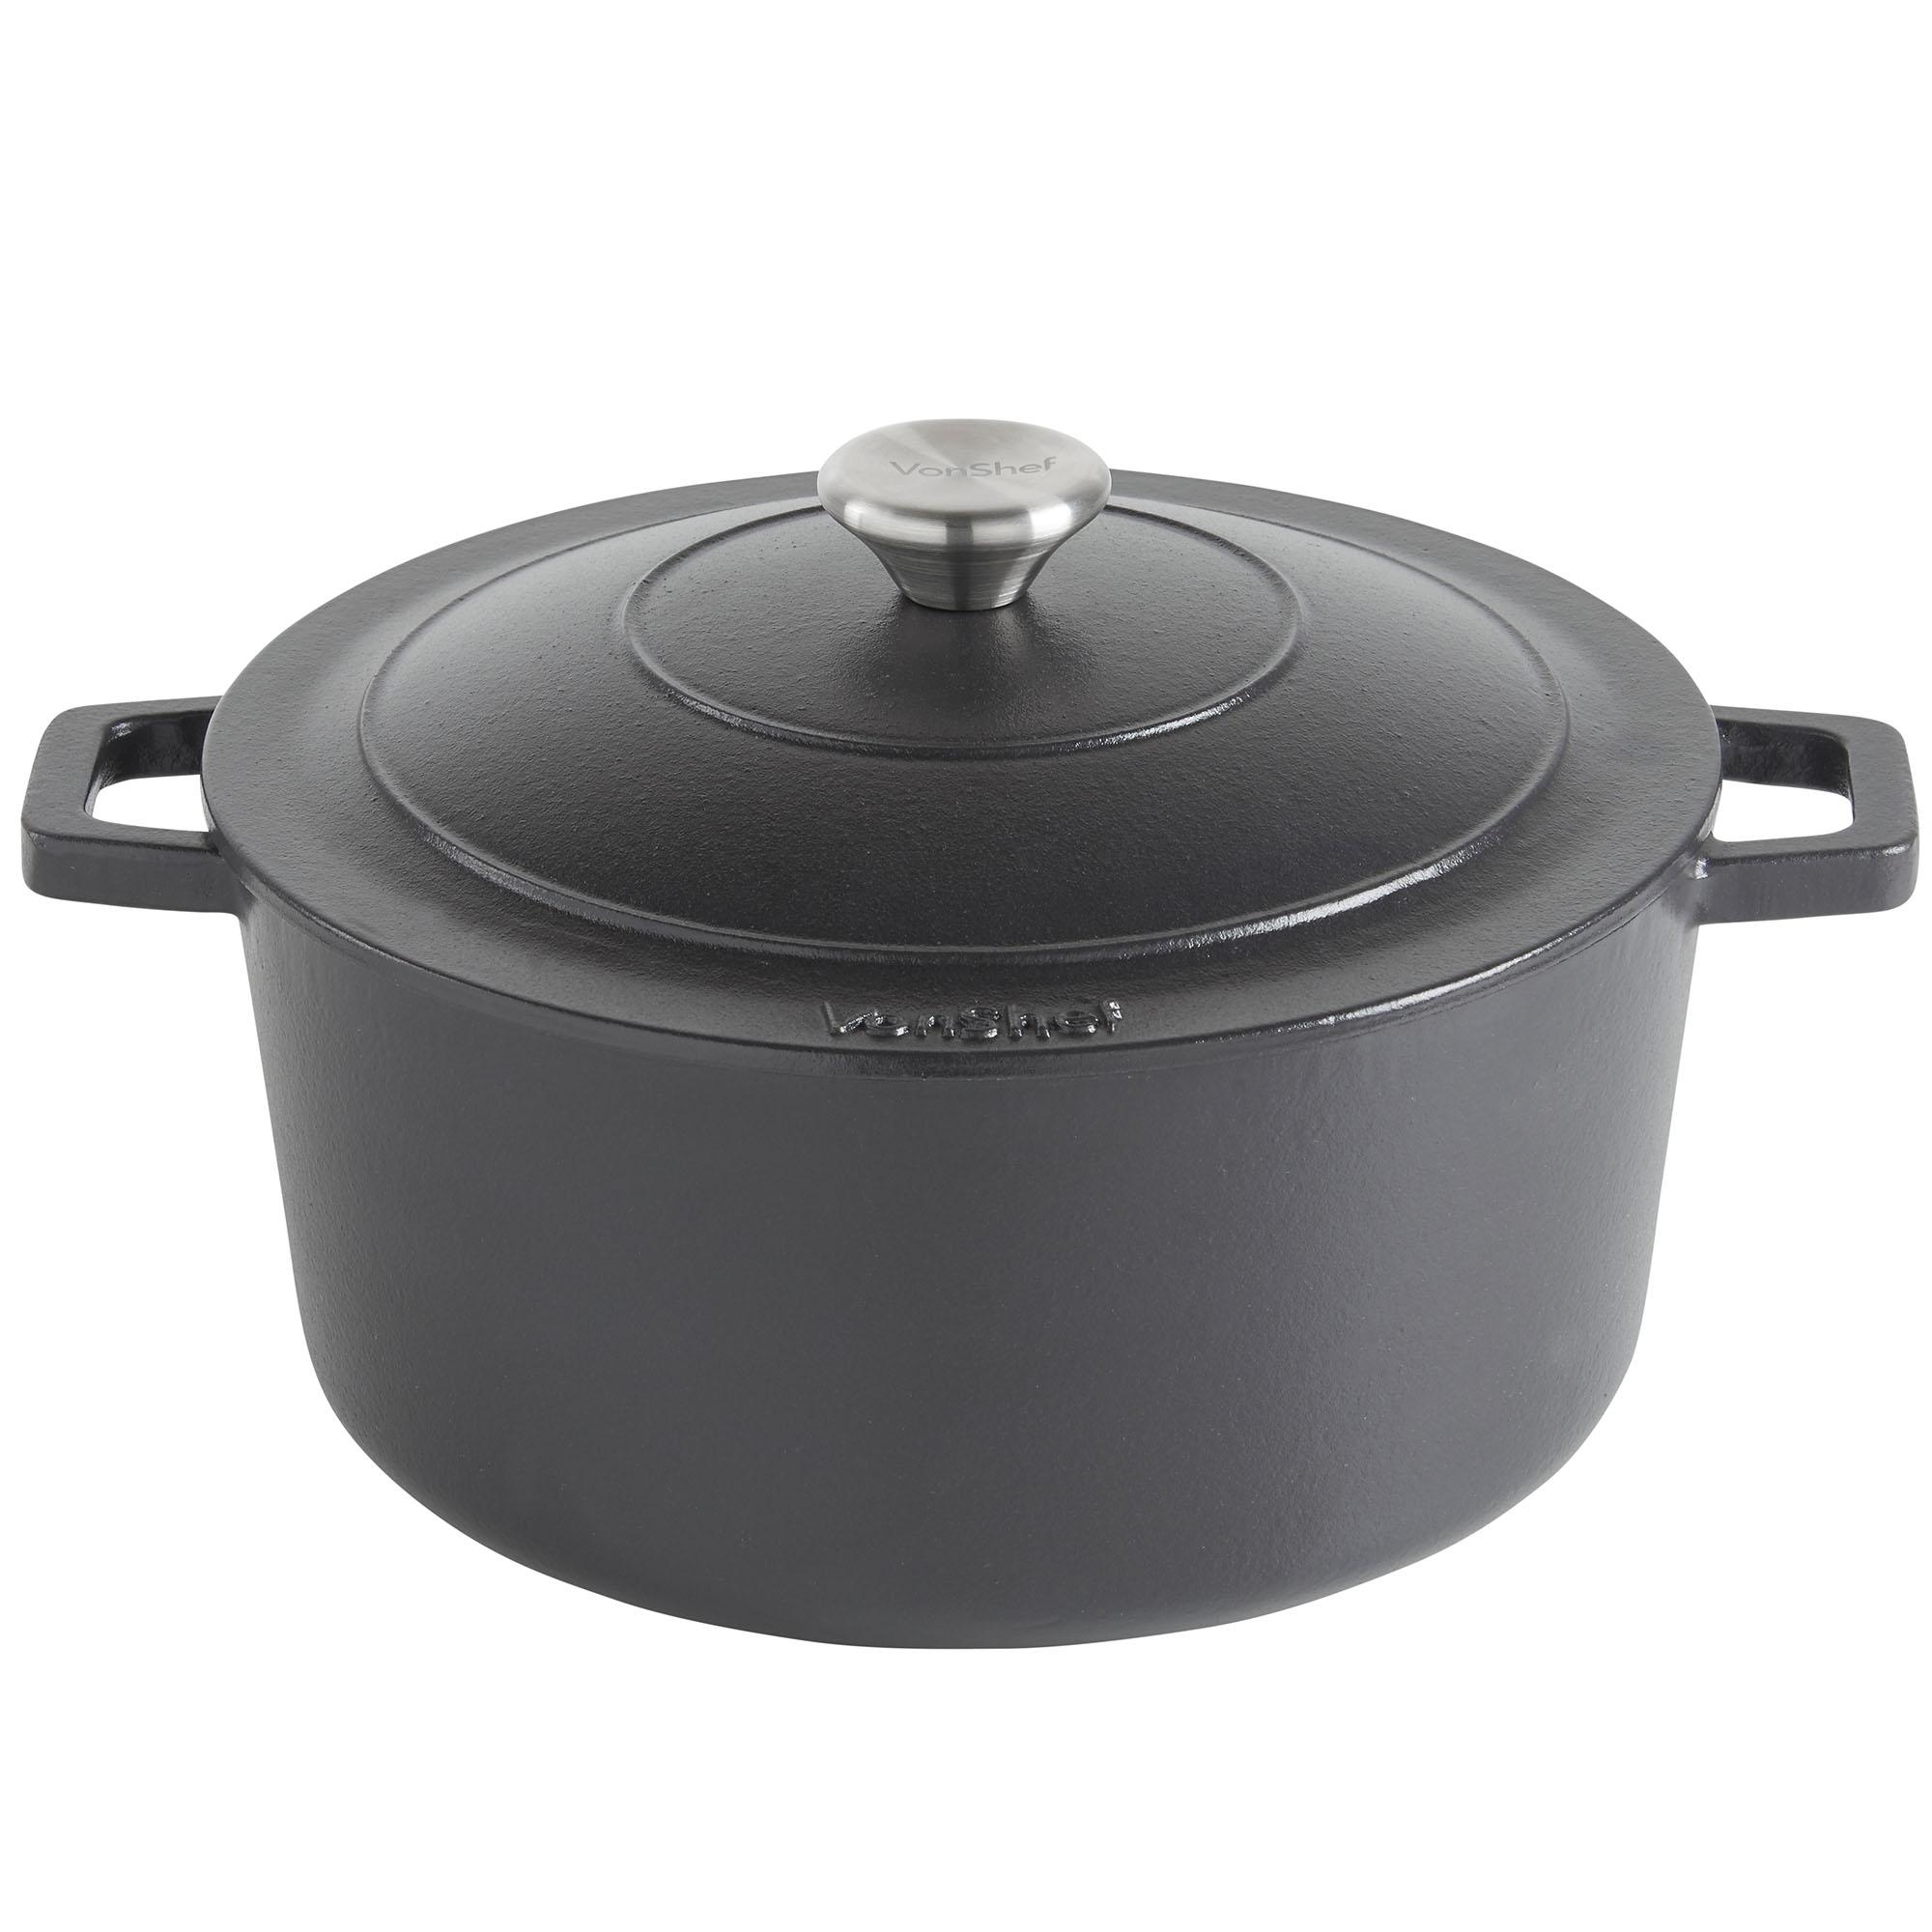 vonshef 4 5l black enamel cast iron oven casserole dish stewing cooking pot ebay. Black Bedroom Furniture Sets. Home Design Ideas